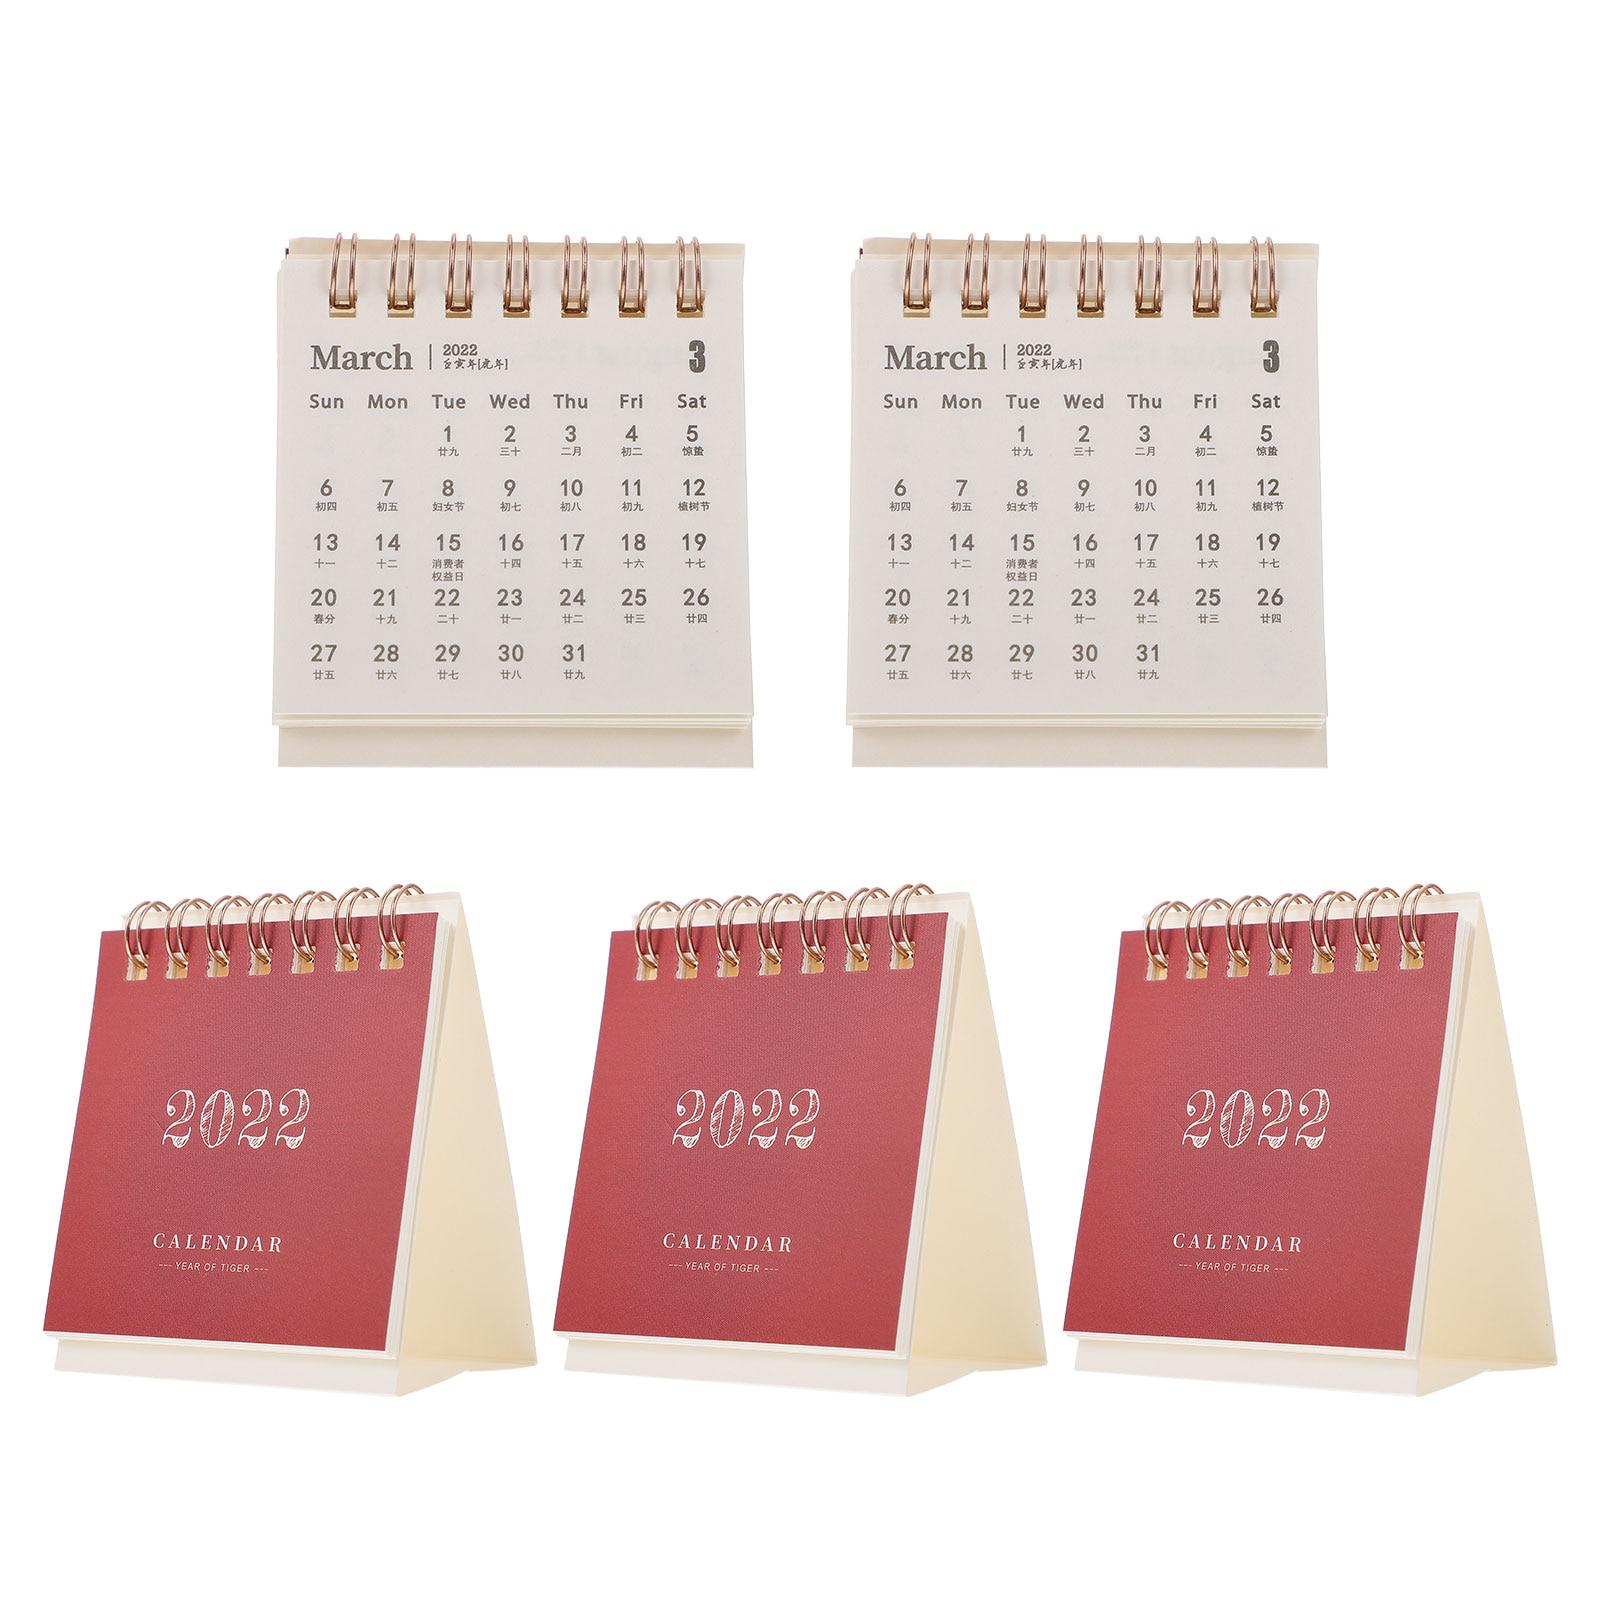 5 шт креативные 2022 календари расписание календари домашние настольные календари